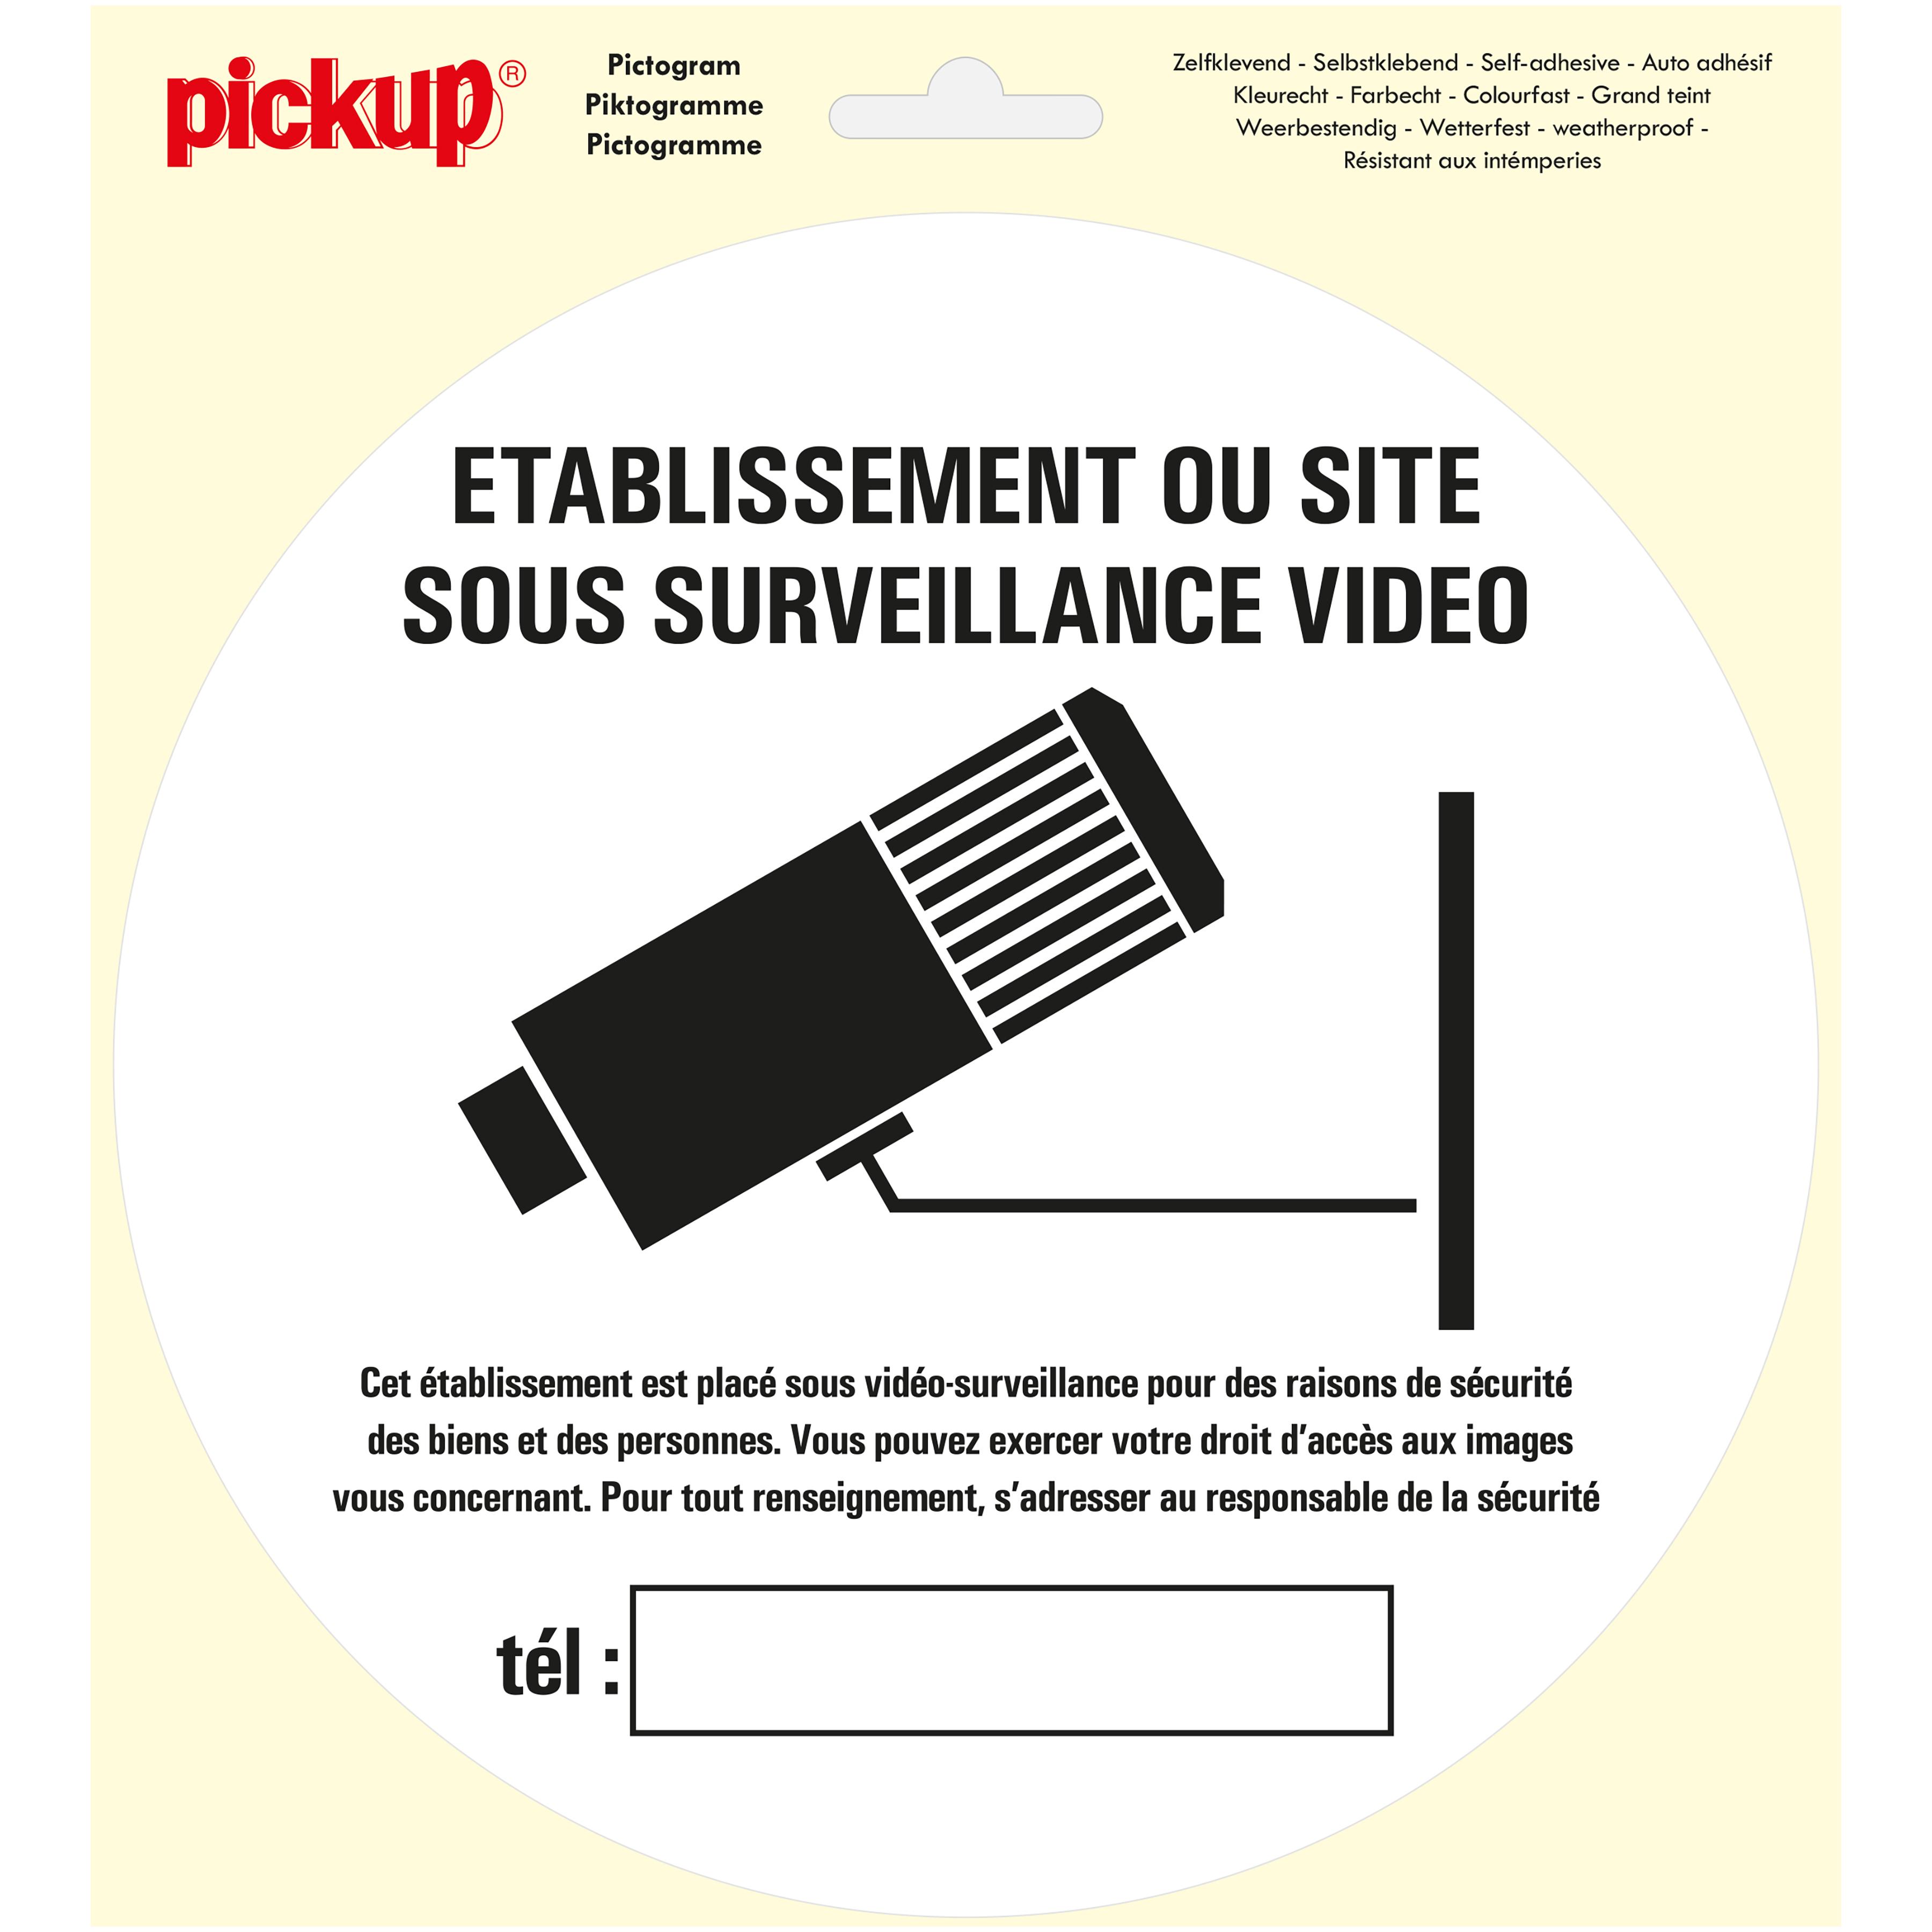 Pictogram rond 20cm - sous surveillance